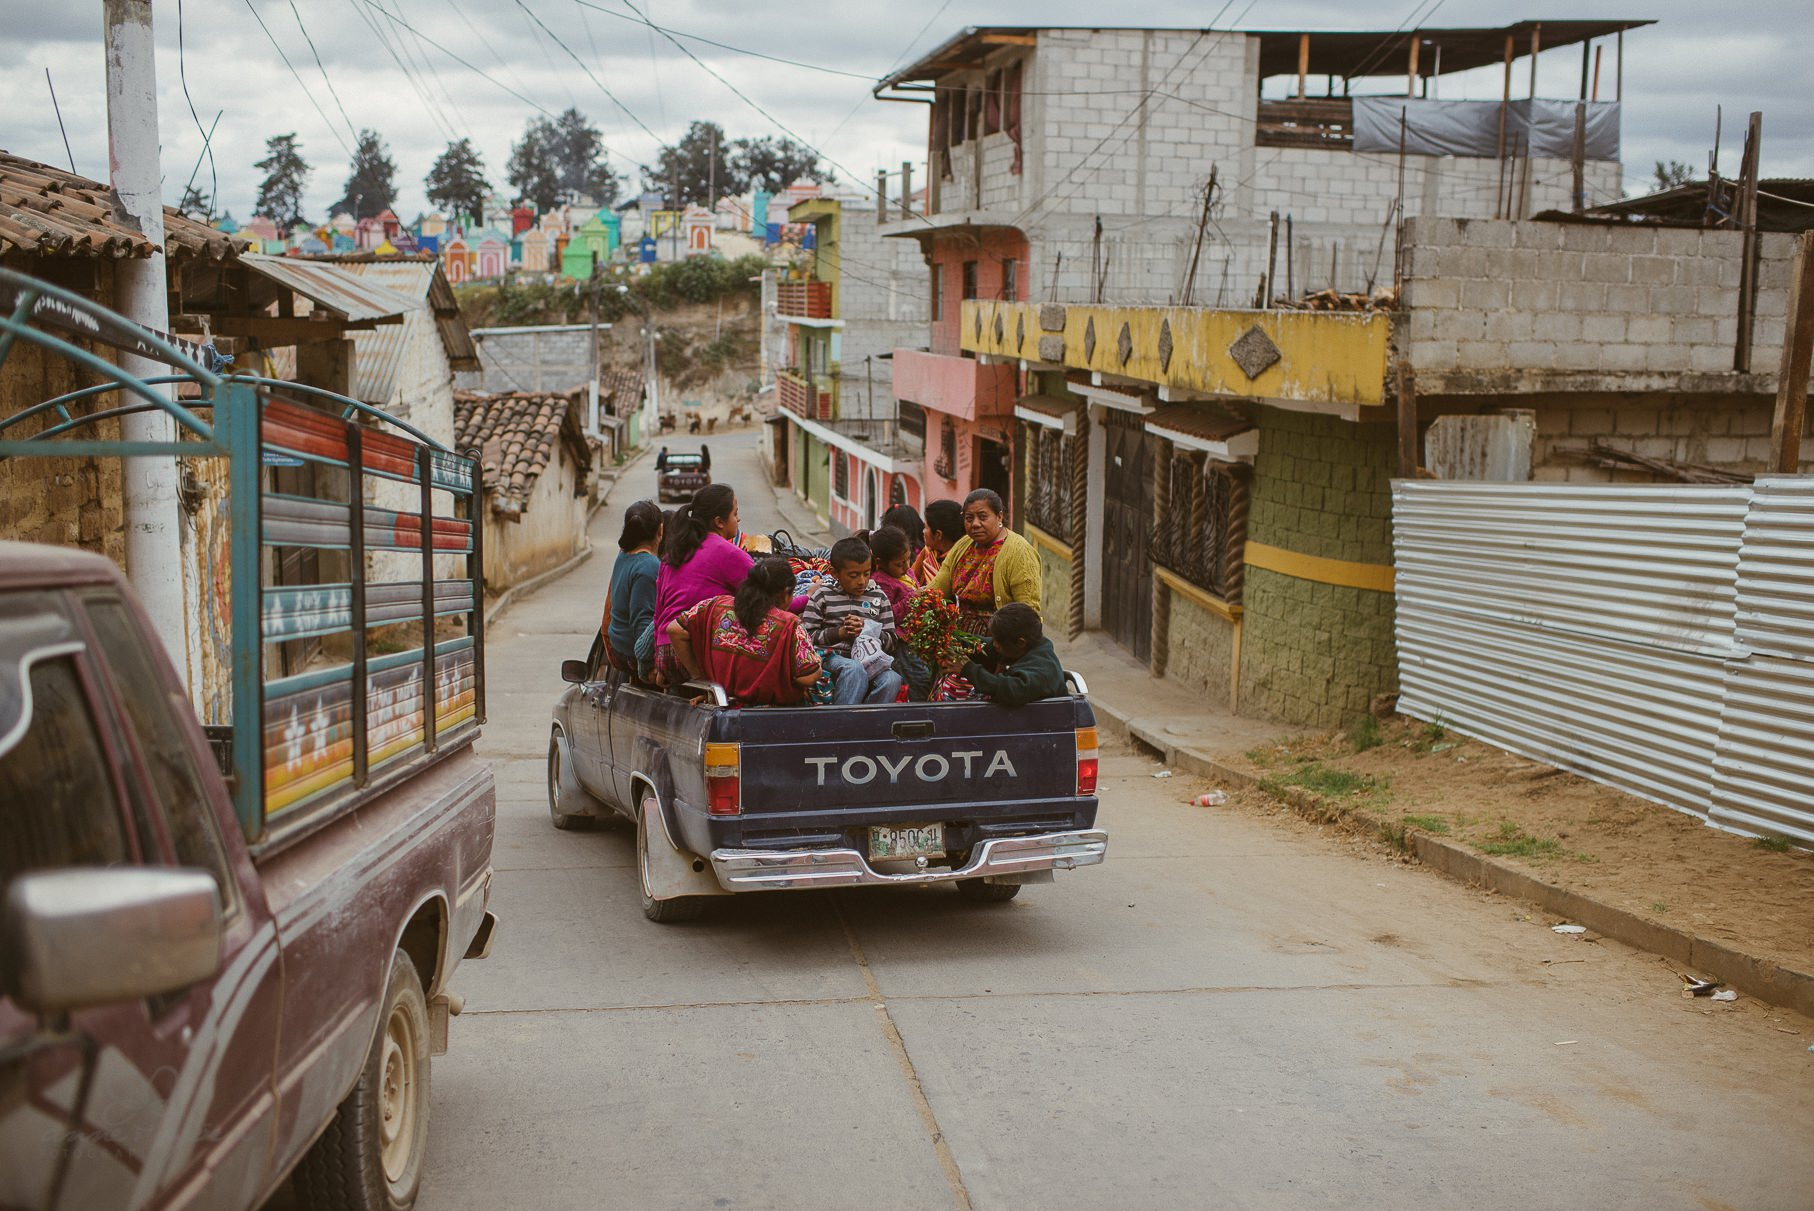 0150 anne und bjoern guatemala d75 2845 - 4 Wochen durch Guatemala - backpacking durch Mittelamerika